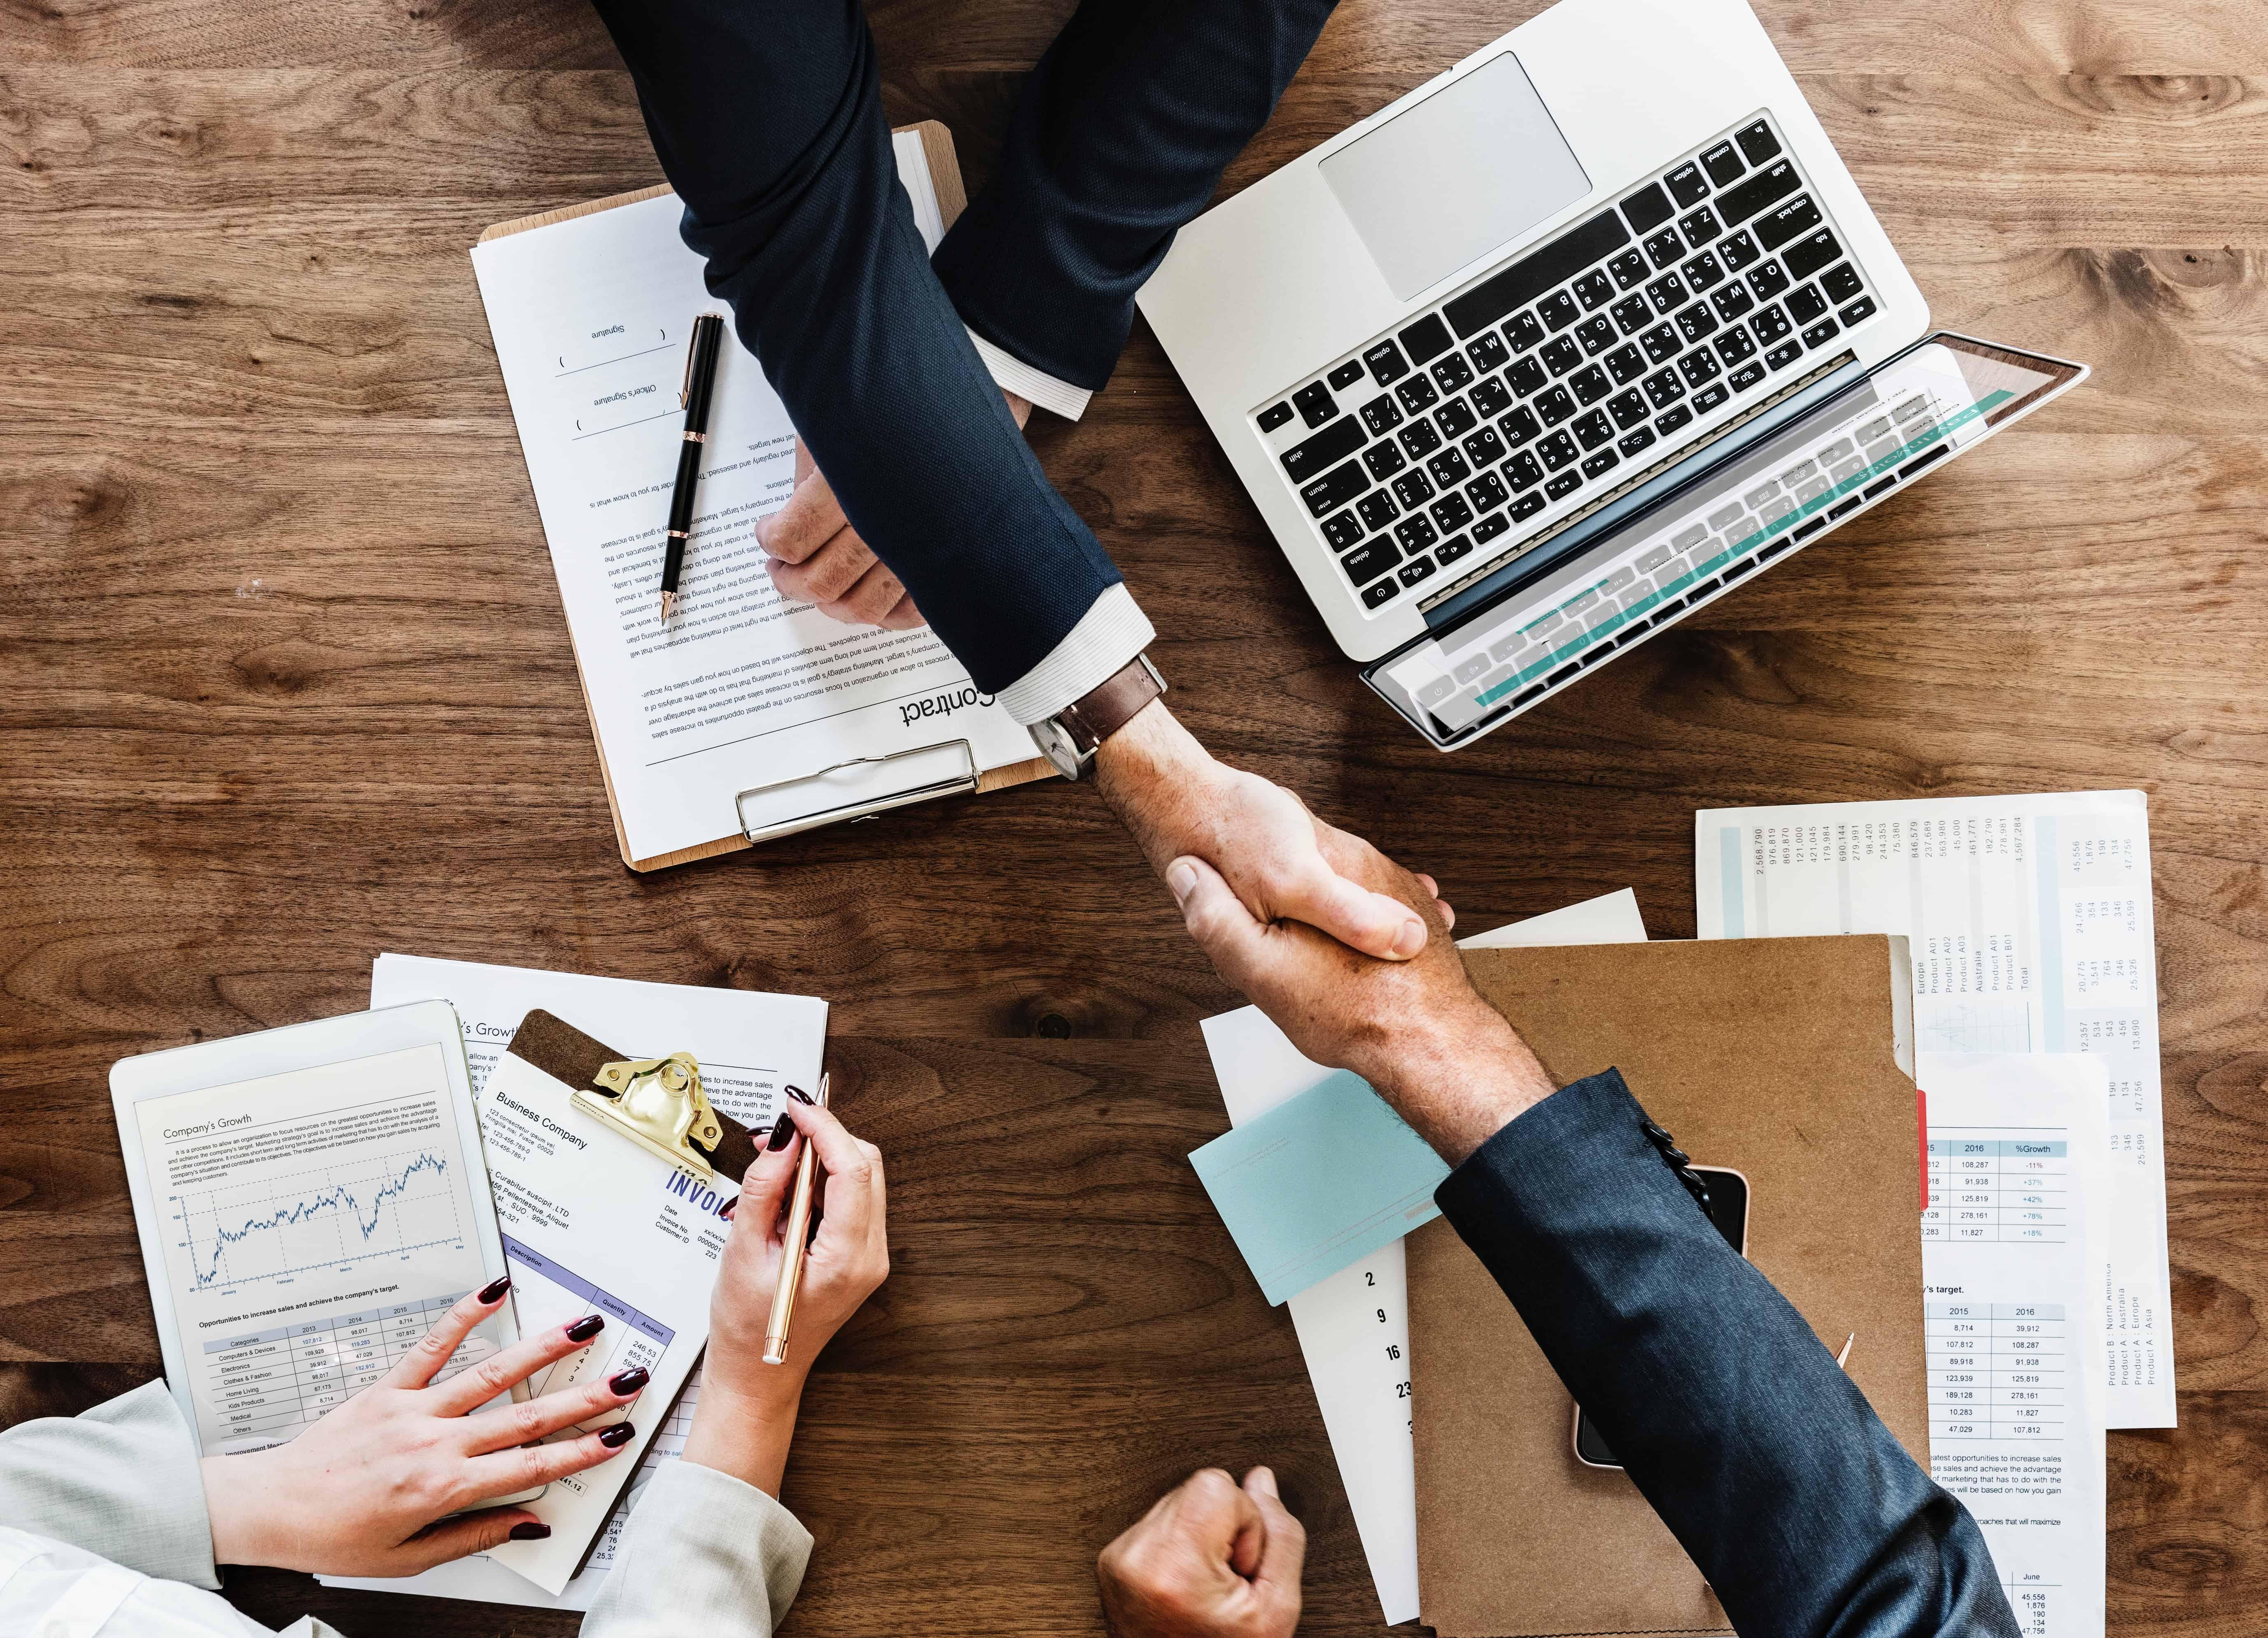 Moneyfarm übernimmt vaamo – Start der Marktkonsolidierung?